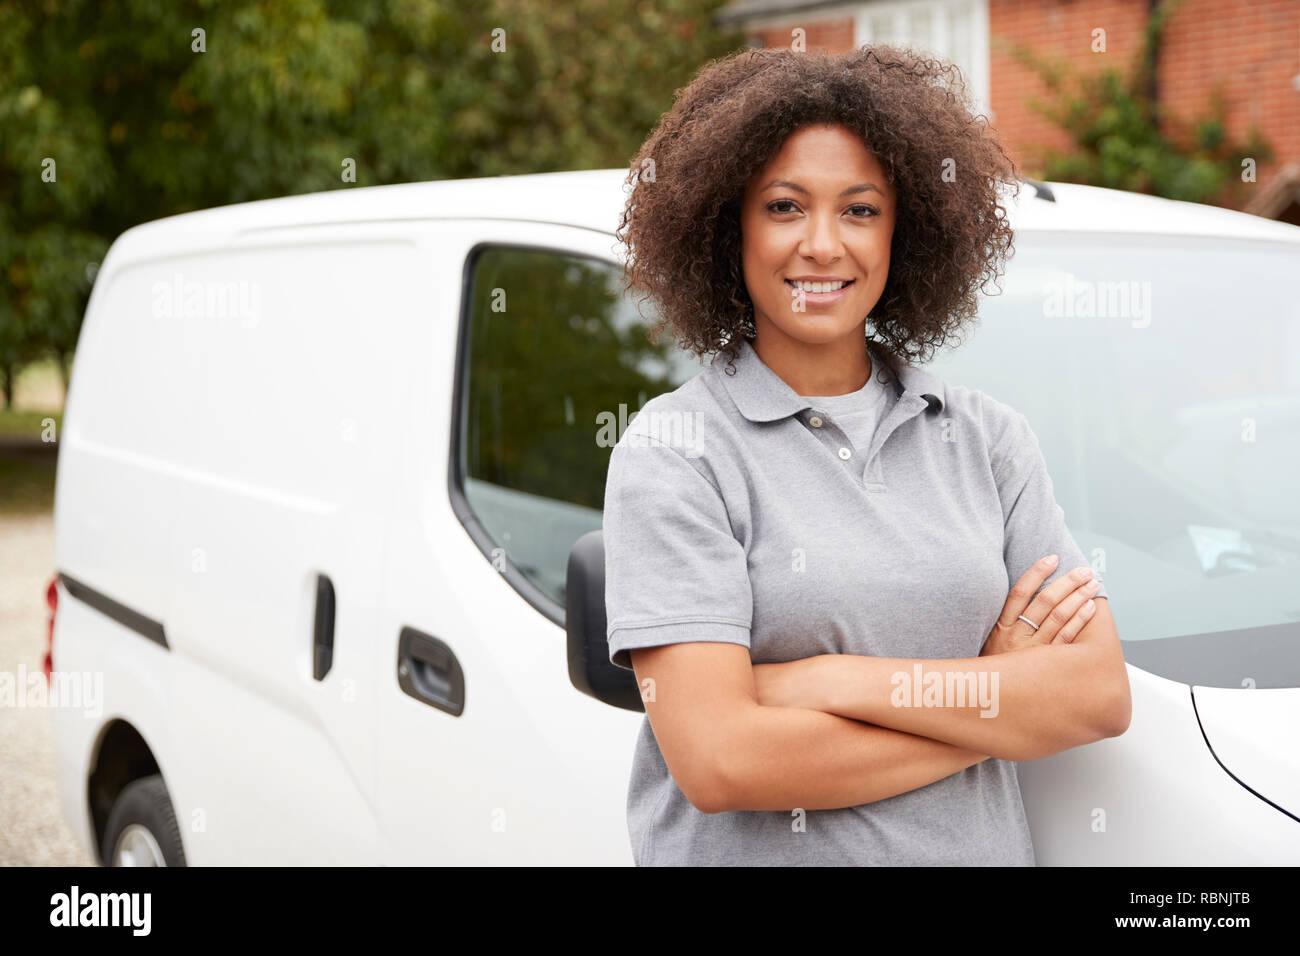 Junge schwarze weibliche tradesperson neben Ihrem weißen Van mit verschränkten Armen stand, in der Nähe Stockfoto